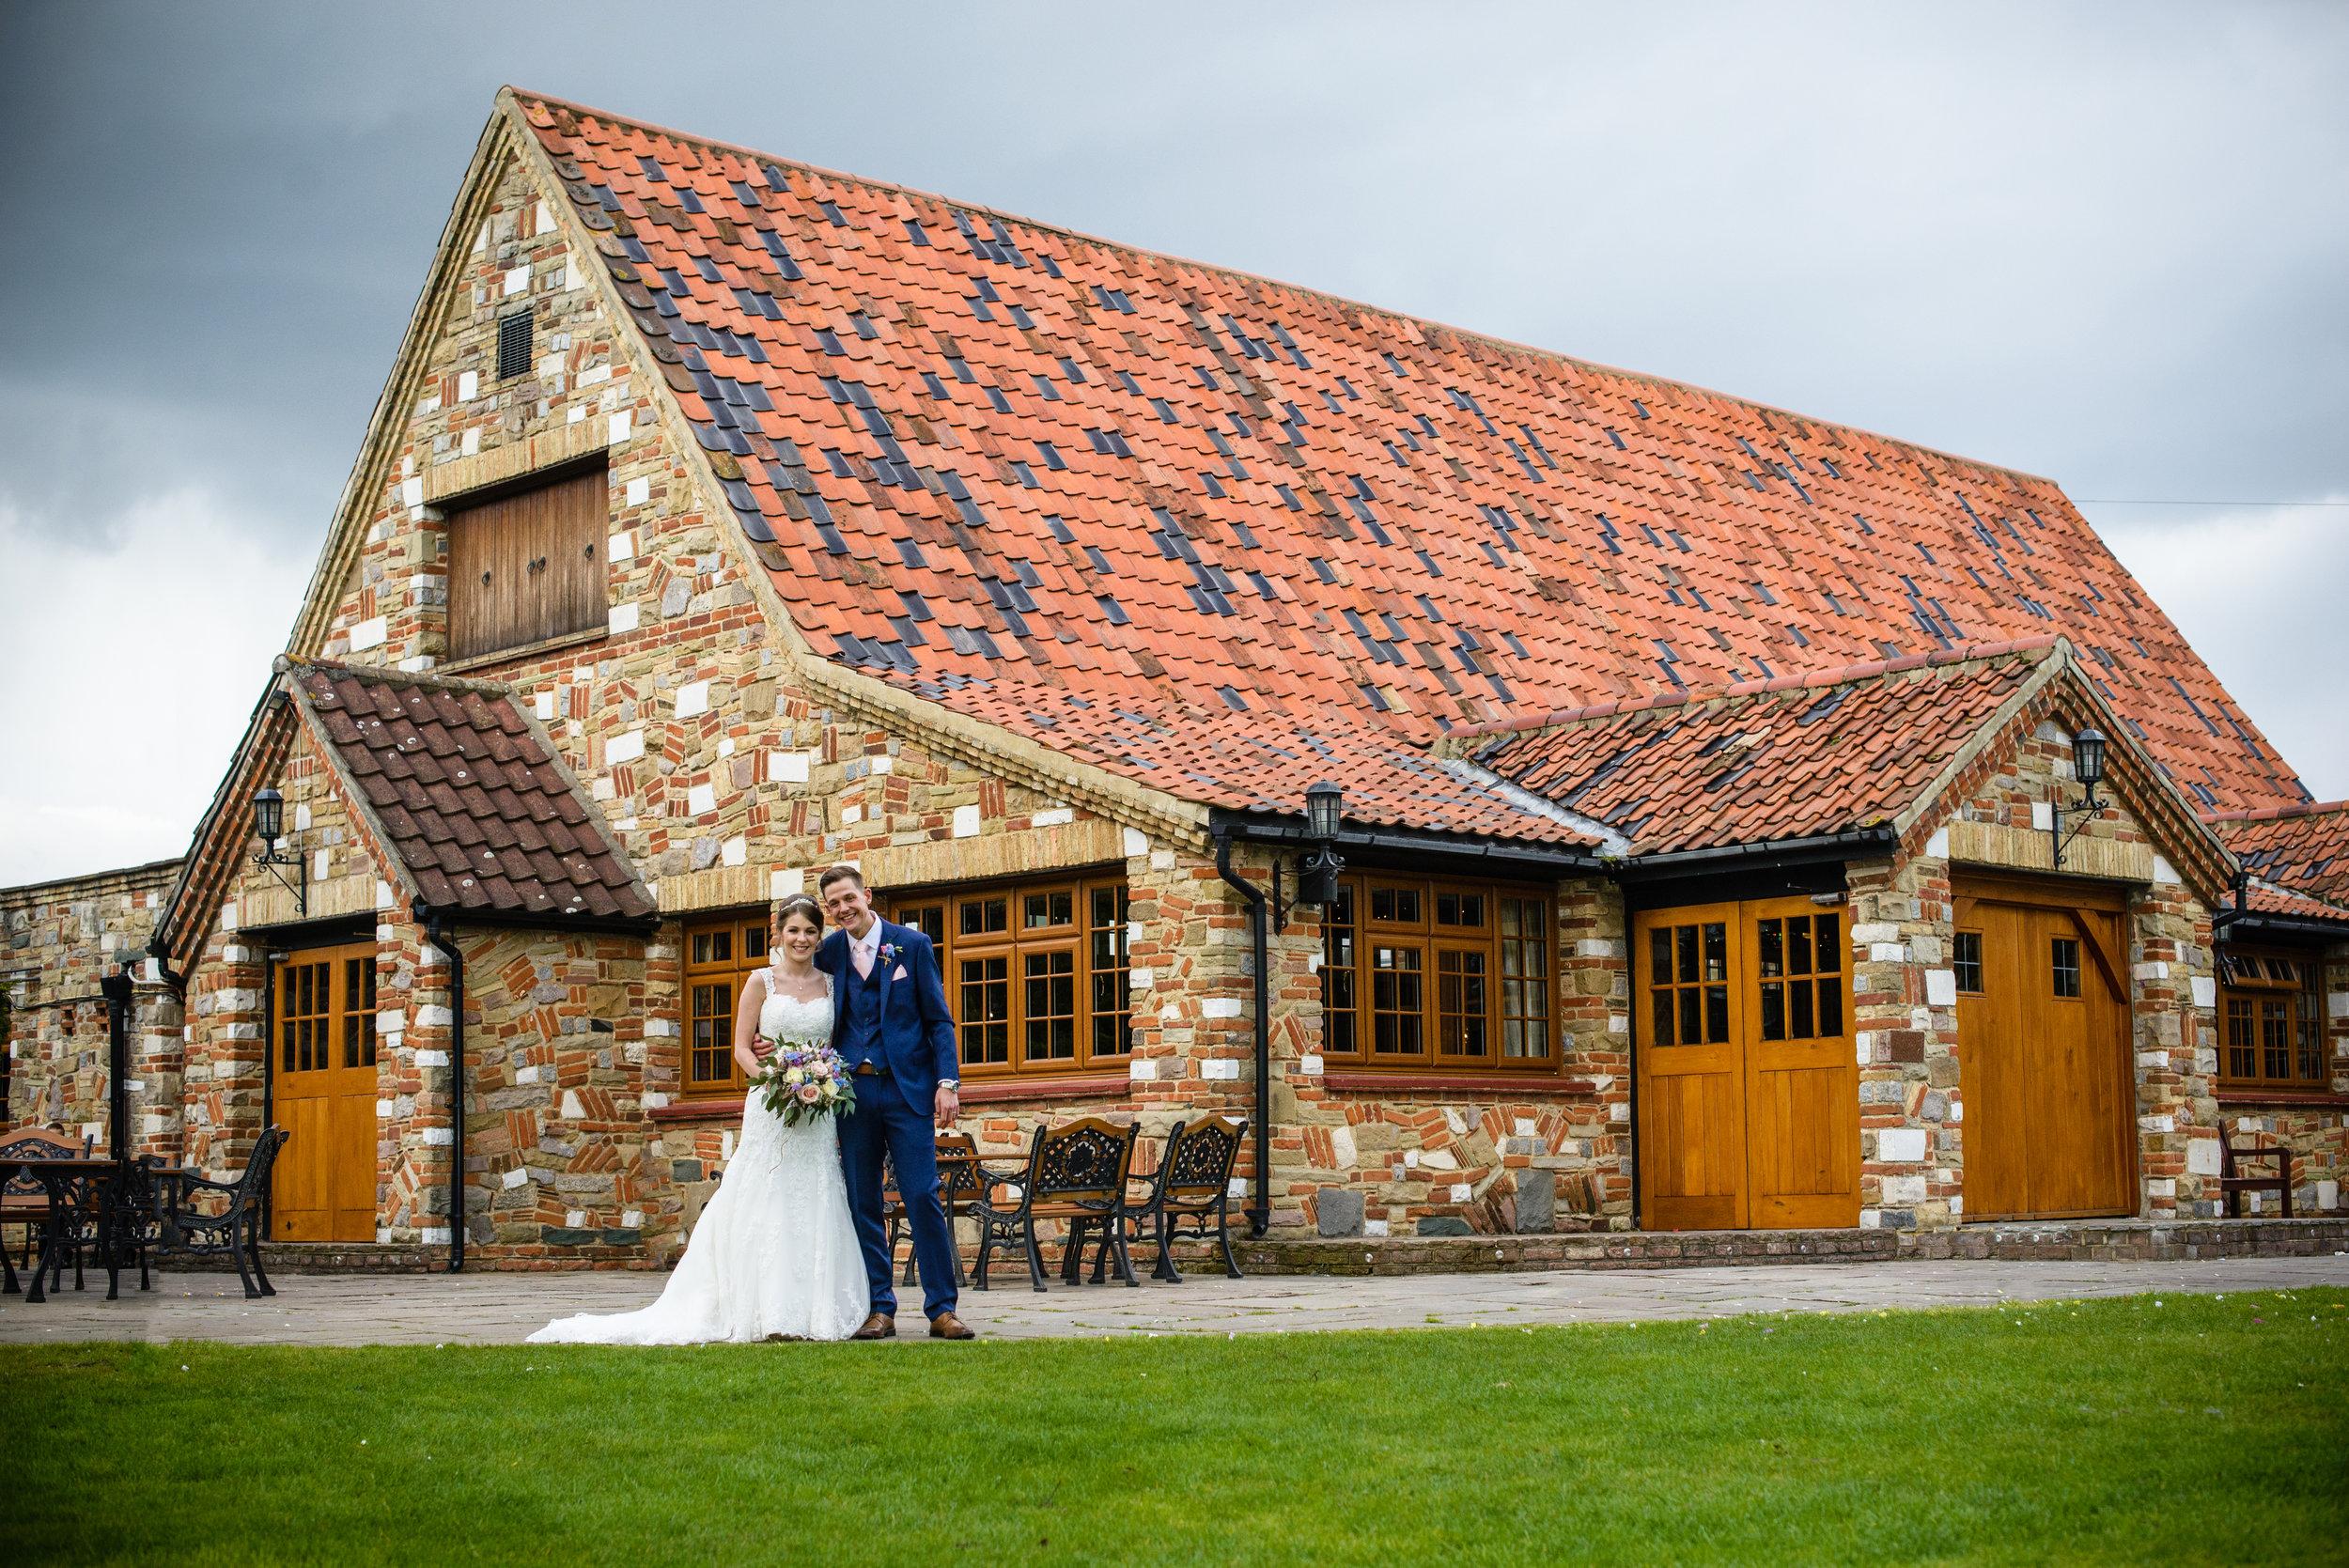 Weddings at Ye Olde Plough House